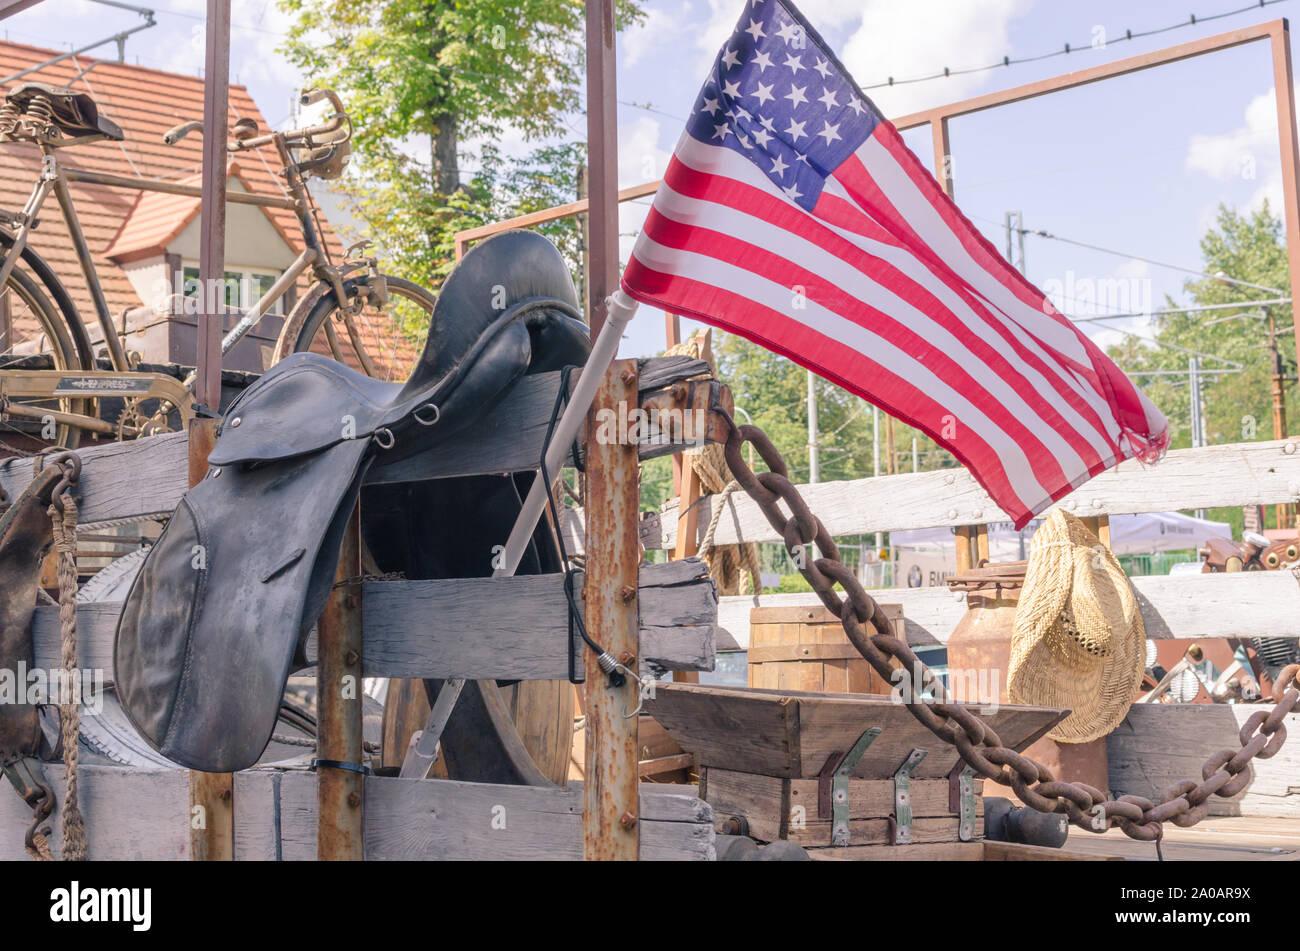 Bandera americana sobre la carrocería del vintage Ford Truck con antigua granja stuff- sombrero de paja, rusty bicicleta, latas oxidadas y la montura. Foto de stock